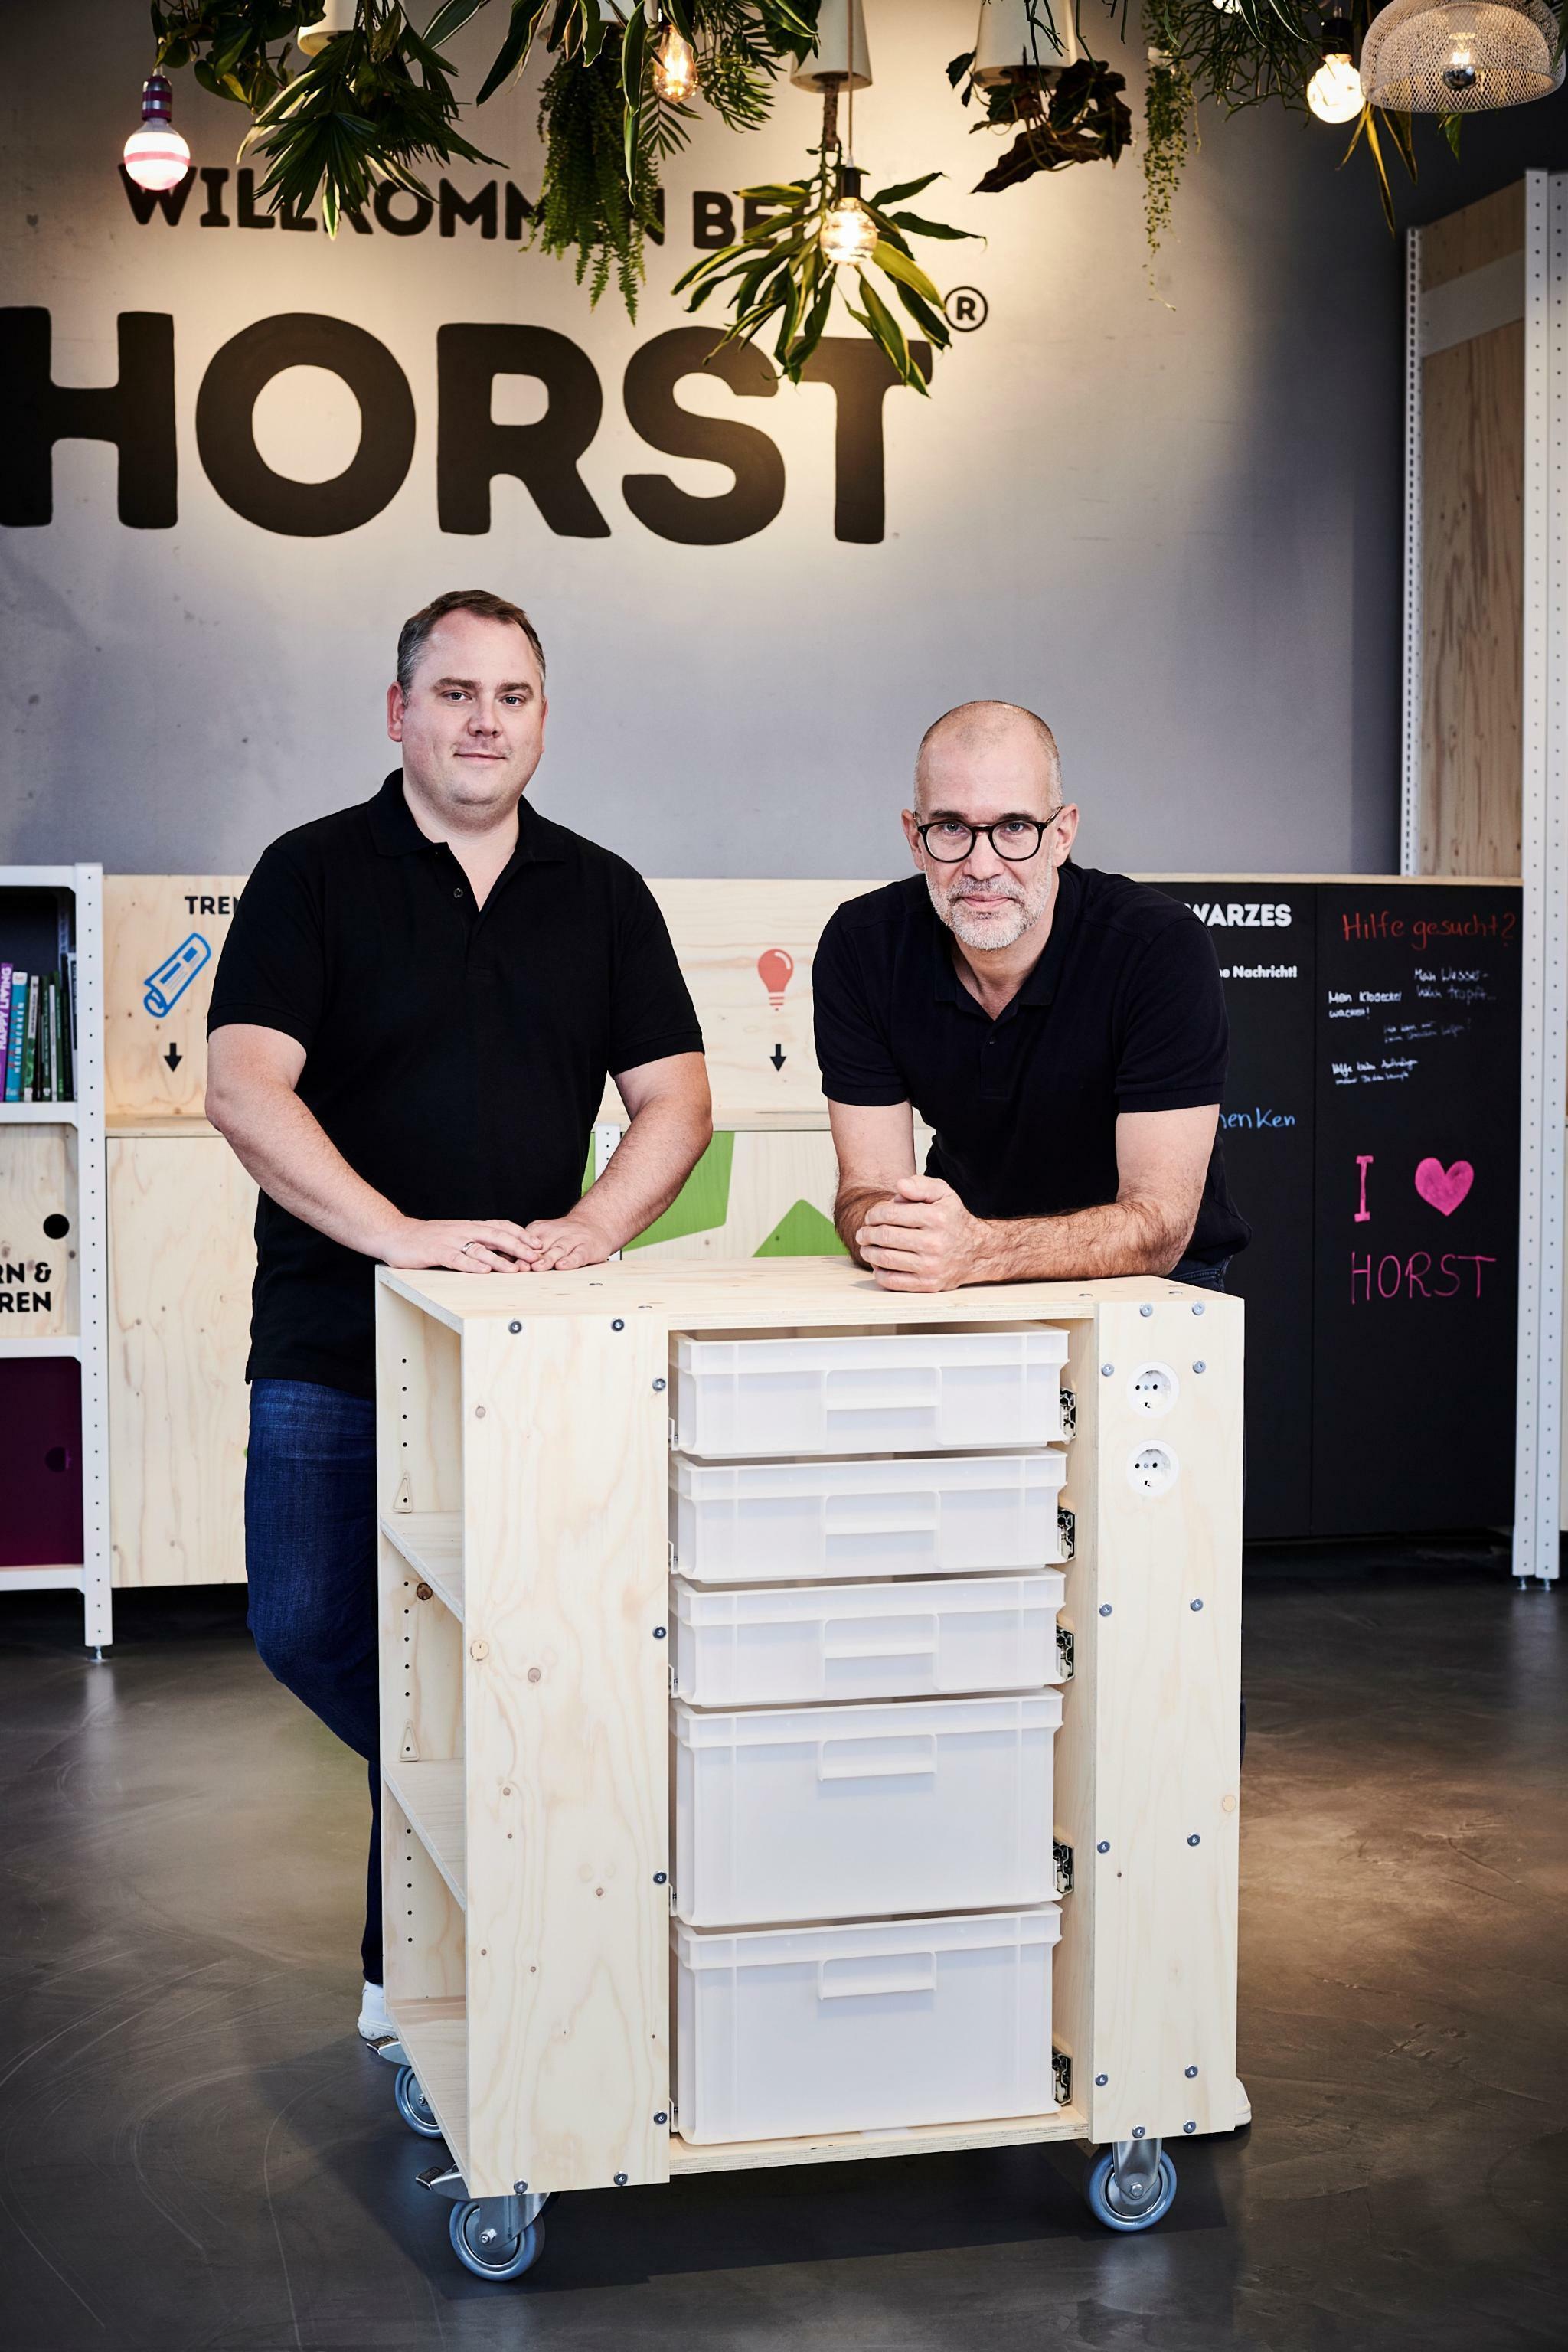 11ef1f99bb Horst: Zwei Gründer eröffnen den Baumarkt der urbanen Zukunft